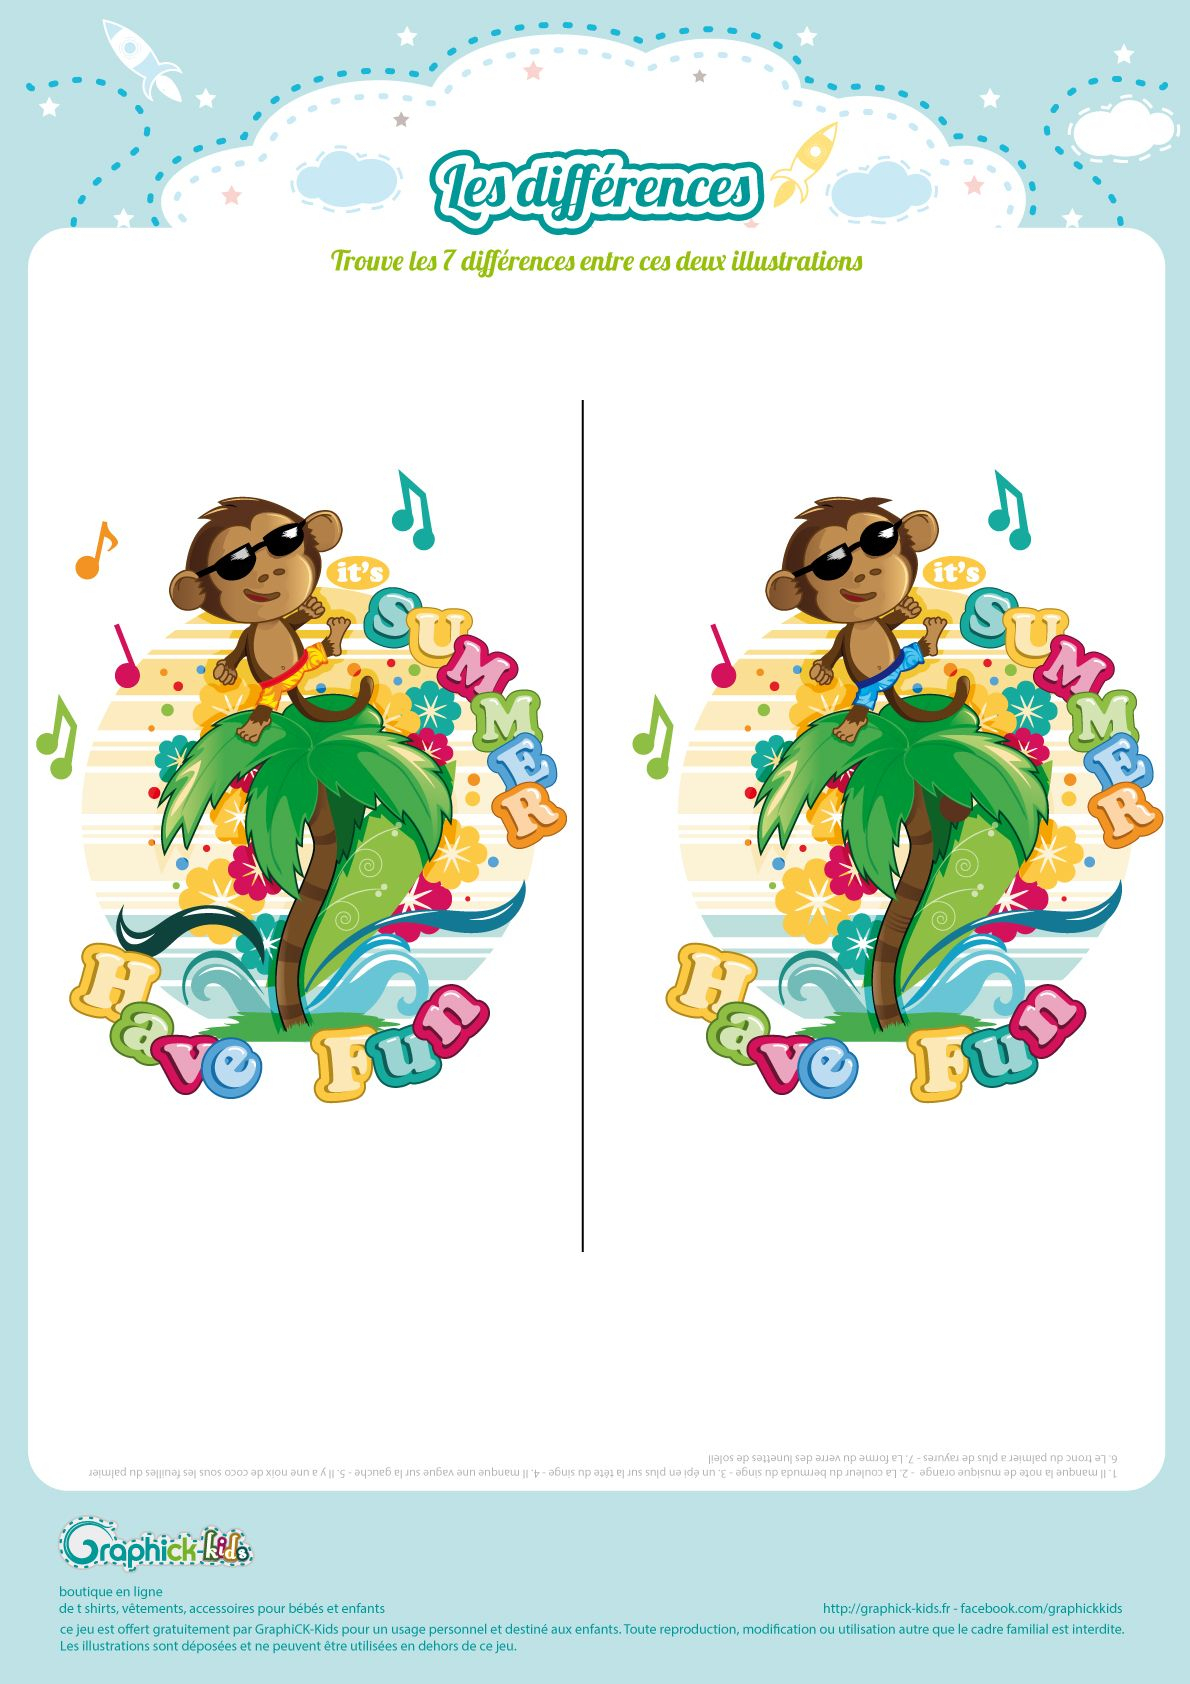 L'activité Du Mercredi : Les 7 Erreurs Du Petit Singe dedans Jeux Gratuits De Différences